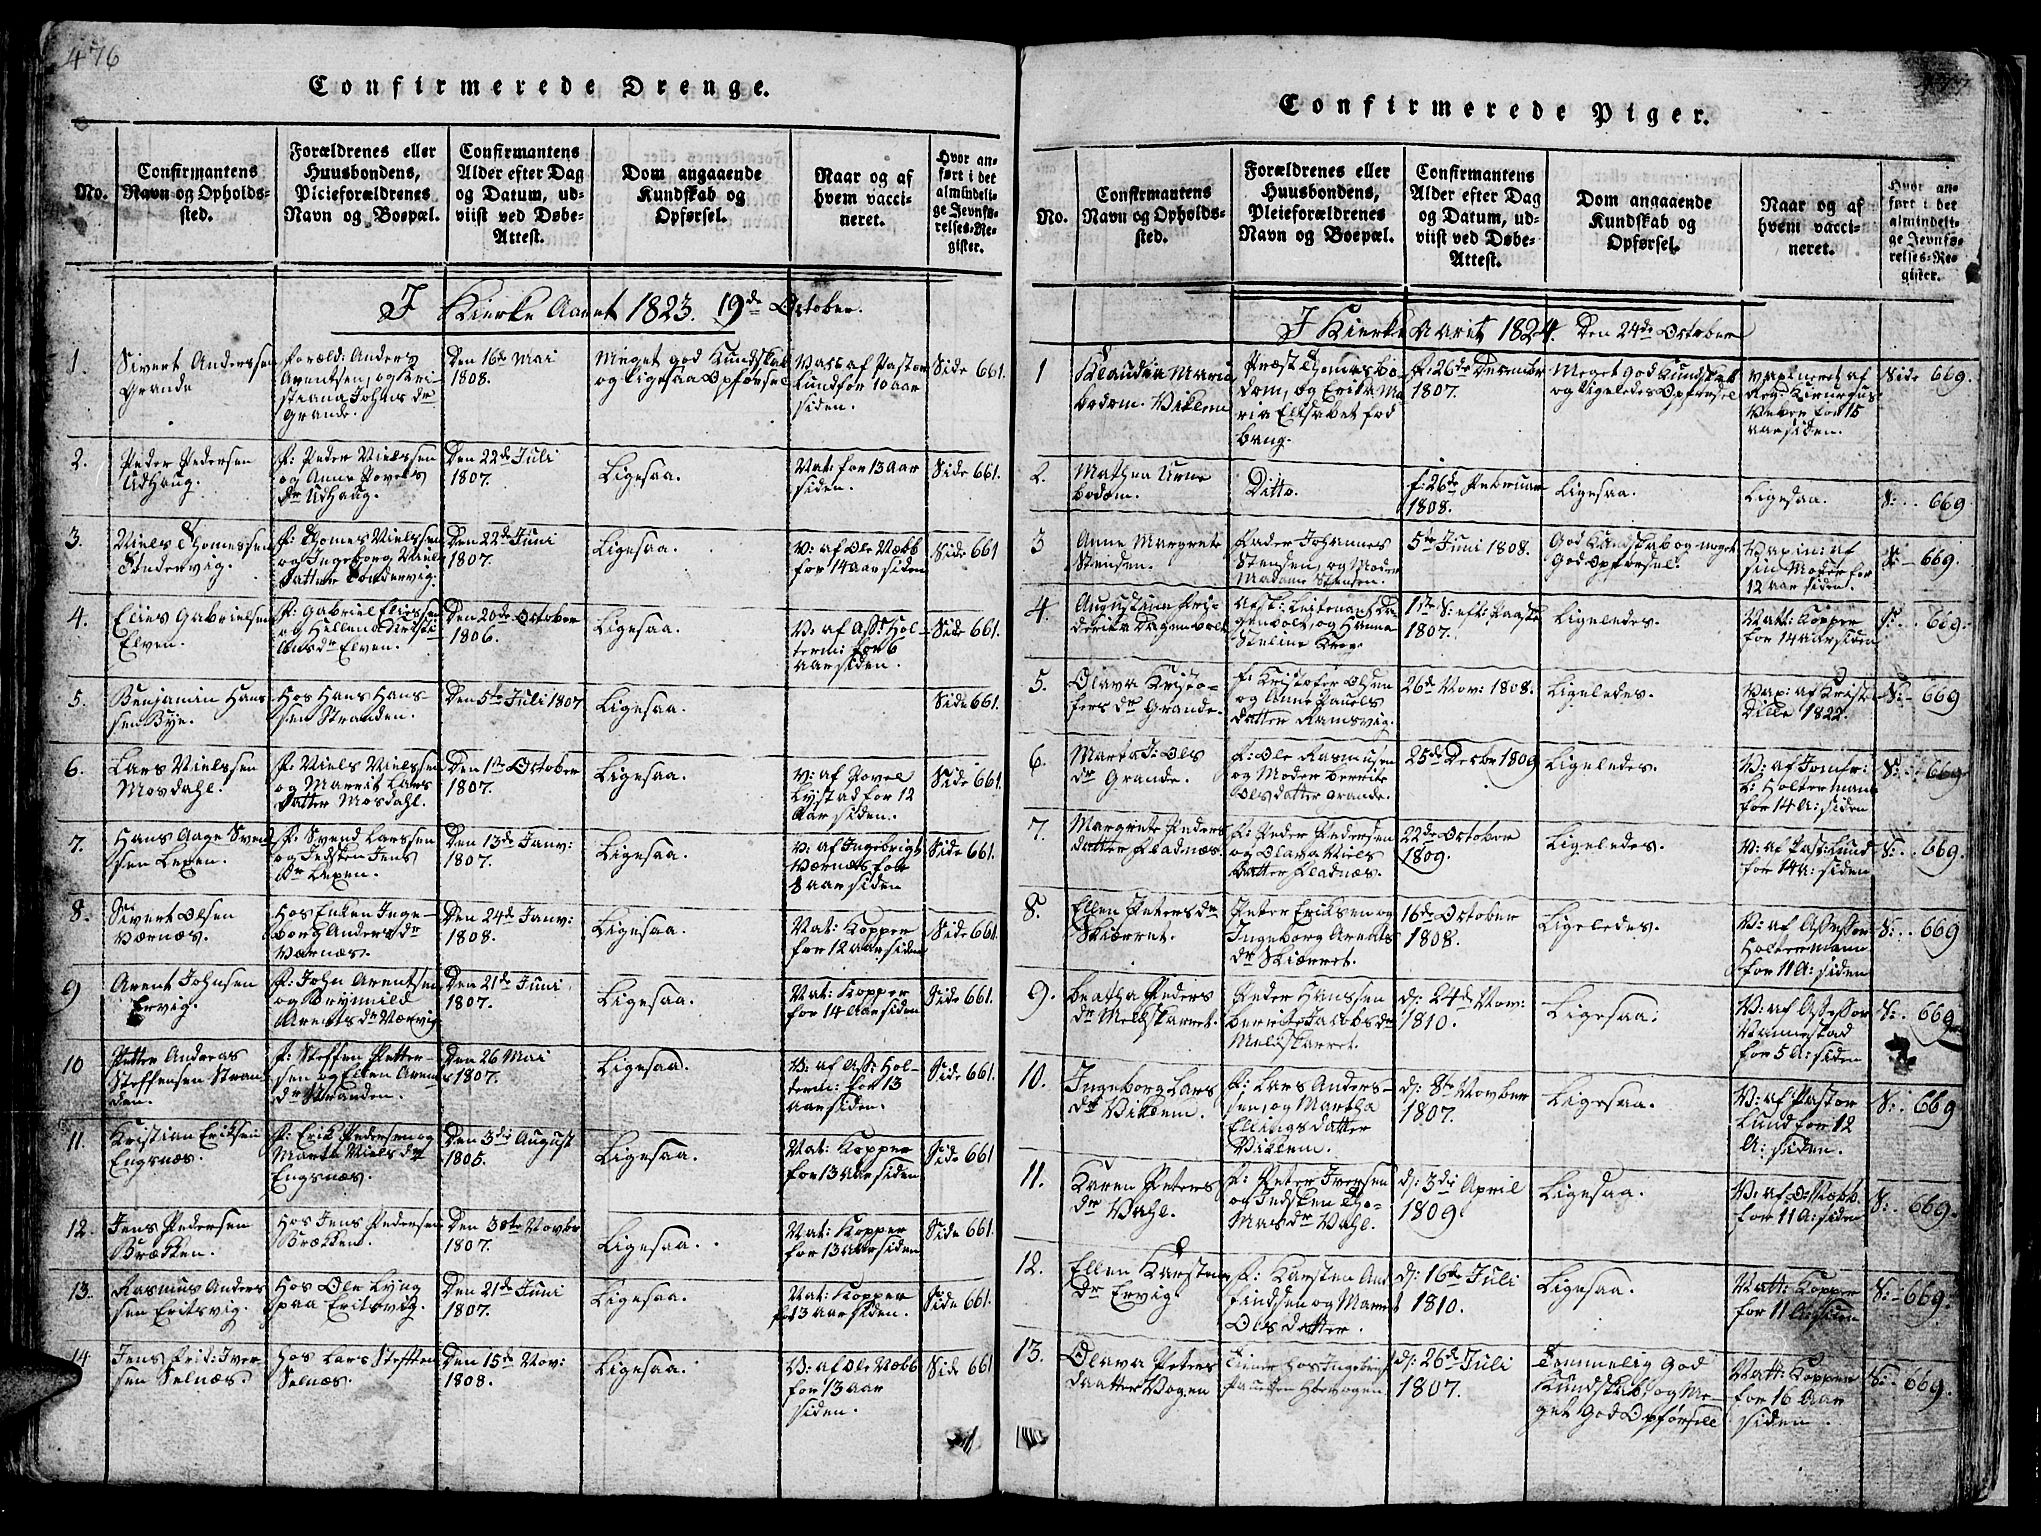 SAT, Ministerialprotokoller, klokkerbøker og fødselsregistre - Sør-Trøndelag, 659/L0744: Klokkerbok nr. 659C01, 1818-1825, s. 476-477